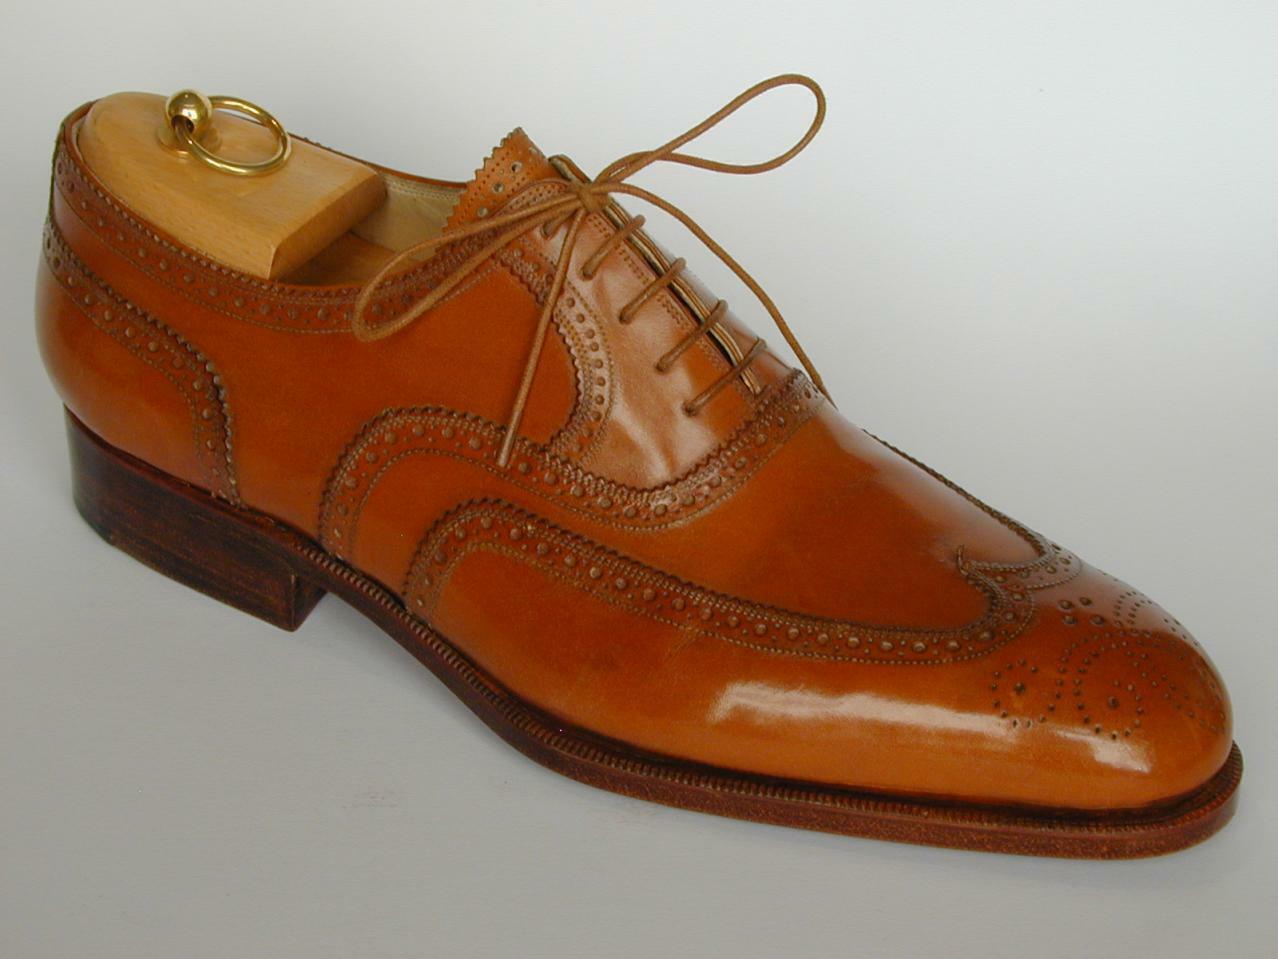 Vestido Casual Zapato de hombre hecho a mano de cuero marrón tostado de extremo de ala Estilo Formal Wear bota